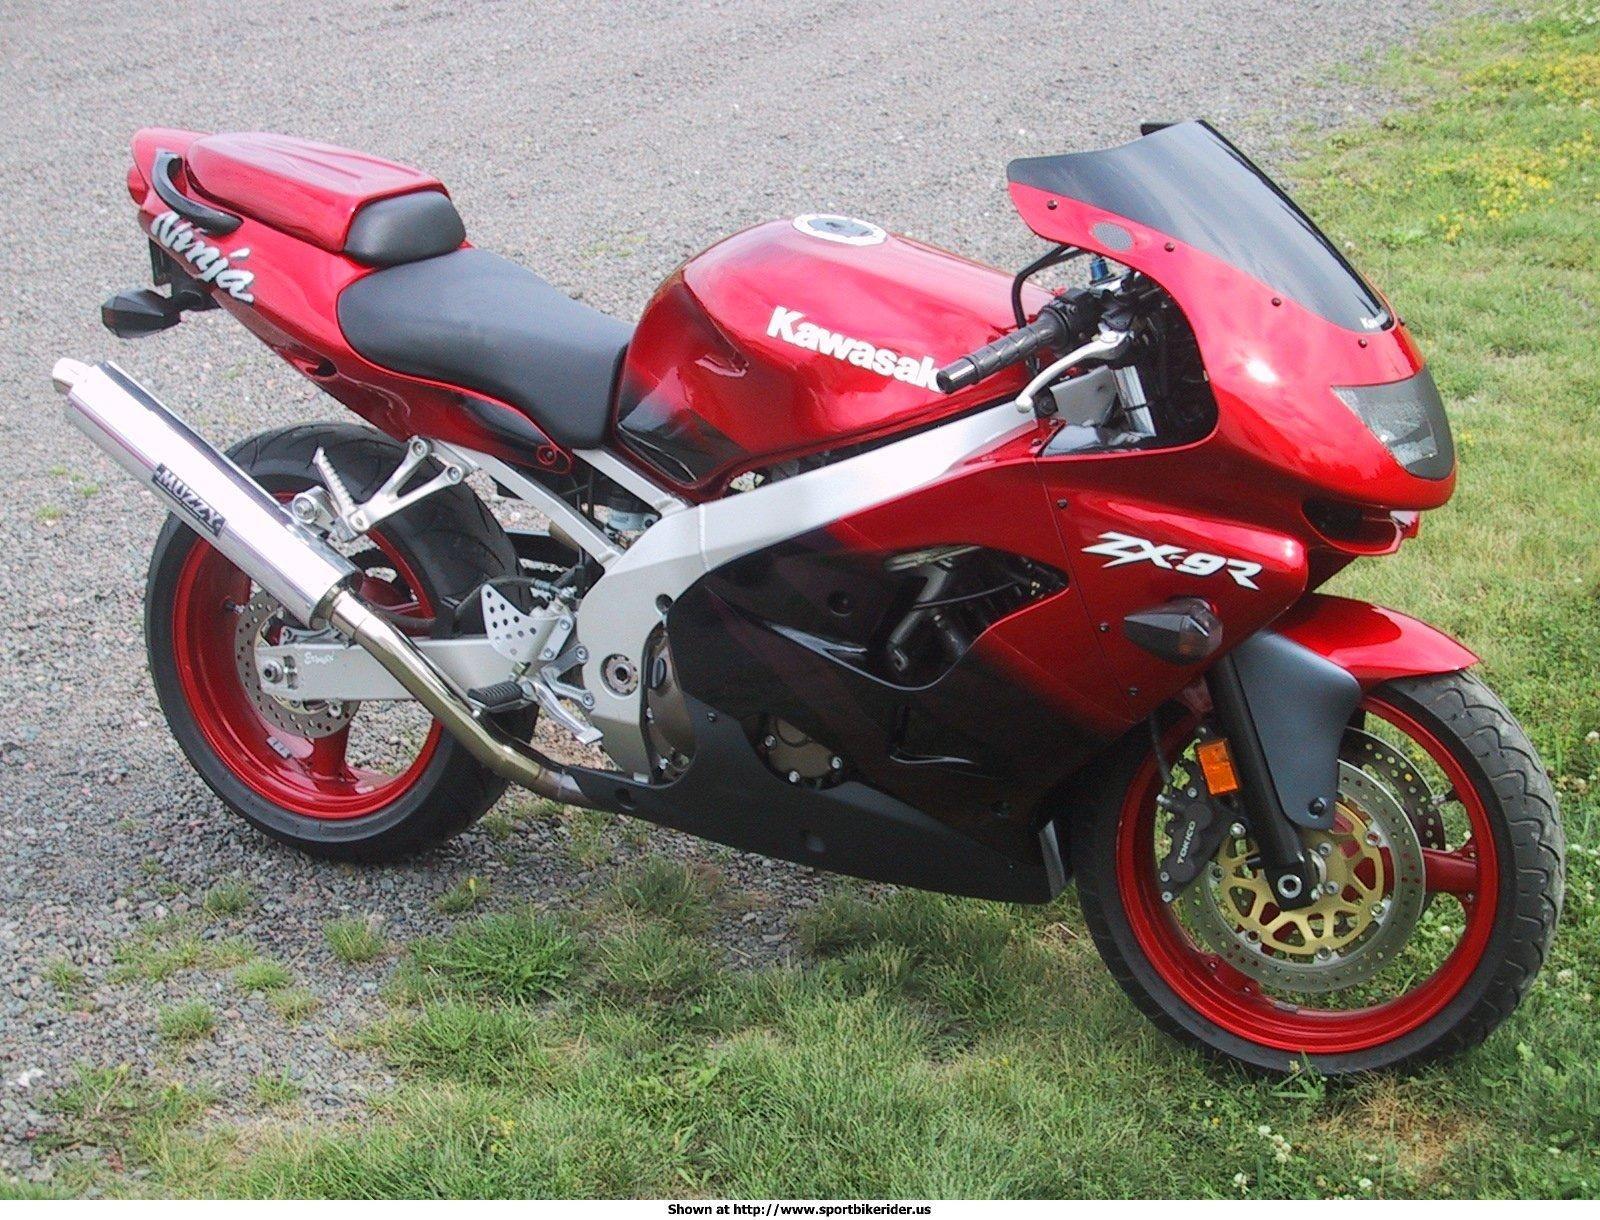 Picture Of A 2003 Yamaha Yzf R1 Sportbike Id 48256 Kawasaki Zx9r Kawasaki Sport Bikes